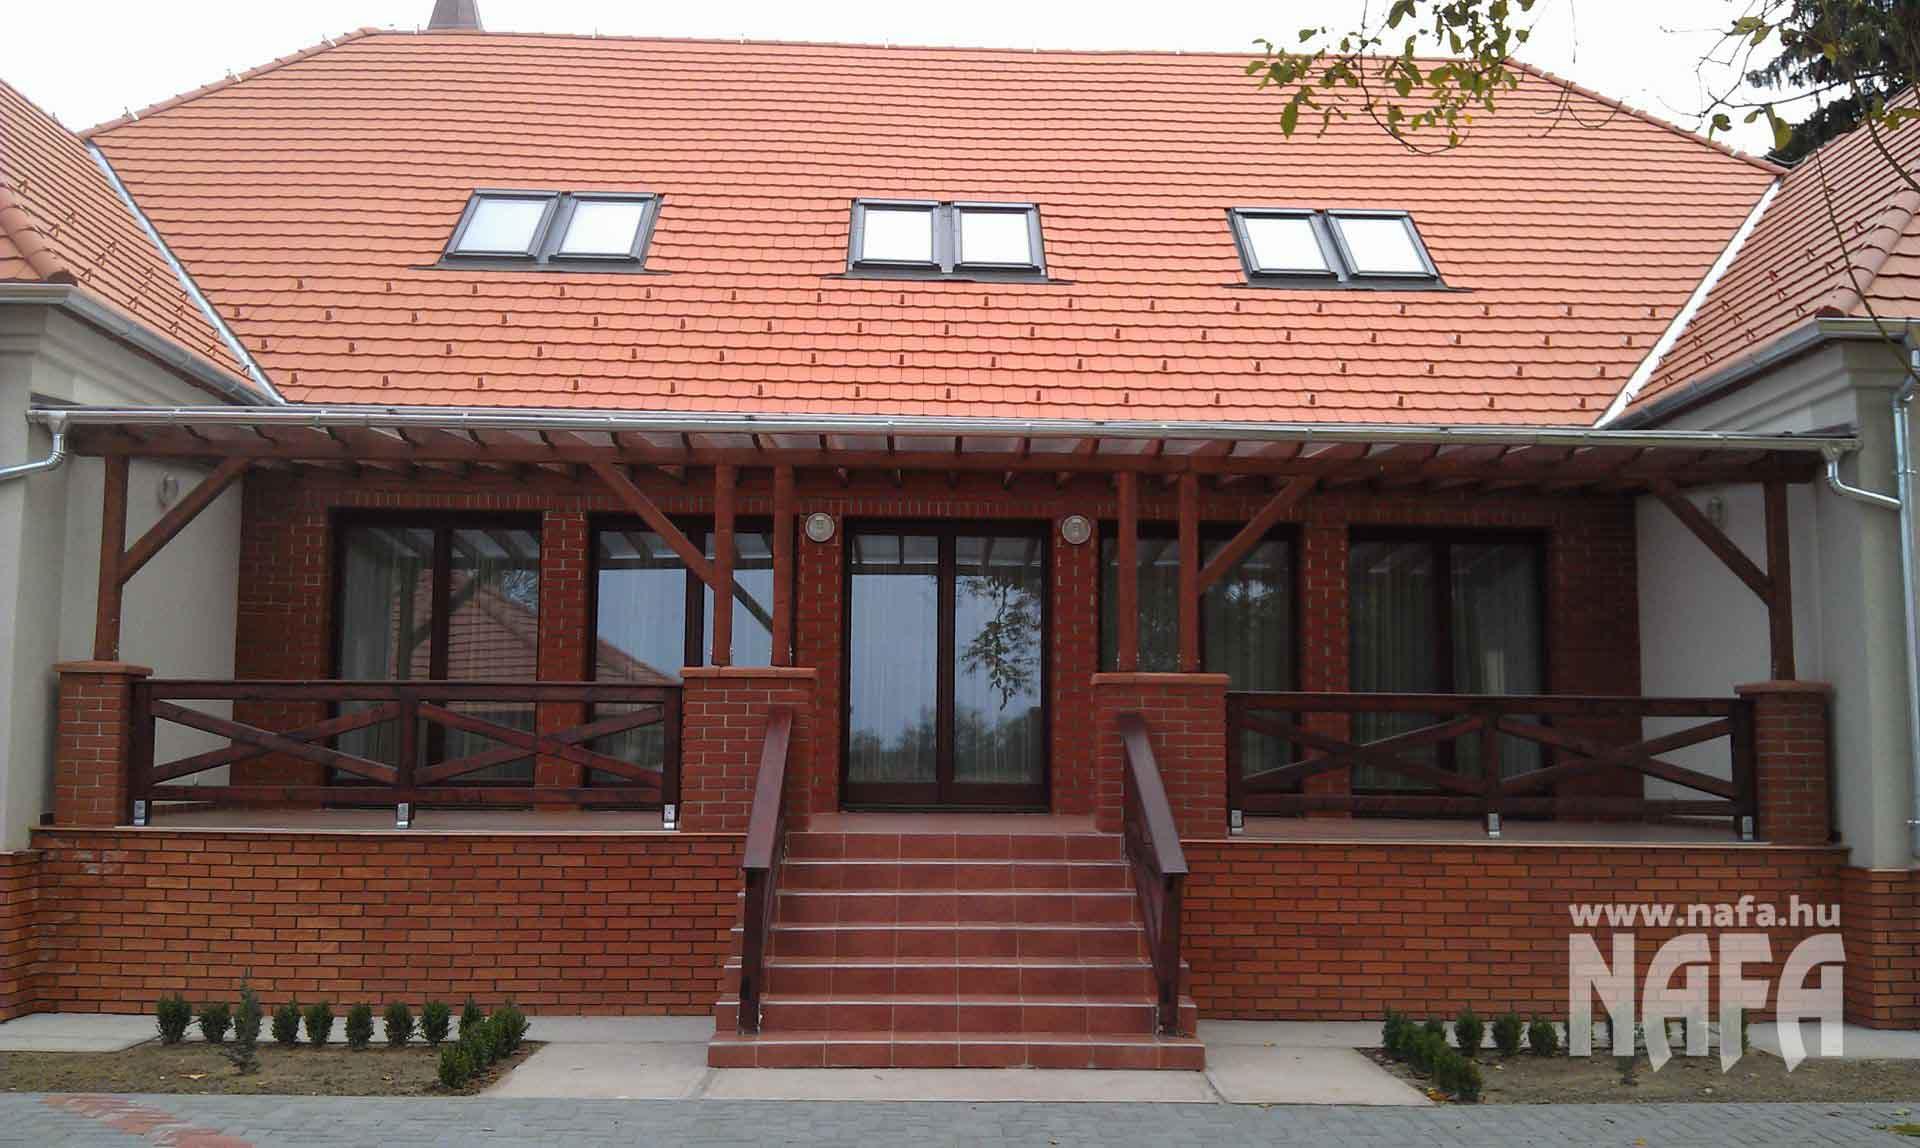 Fa nyílászárók, egyedi festett erkélyajtók, Somogyszob Iskola